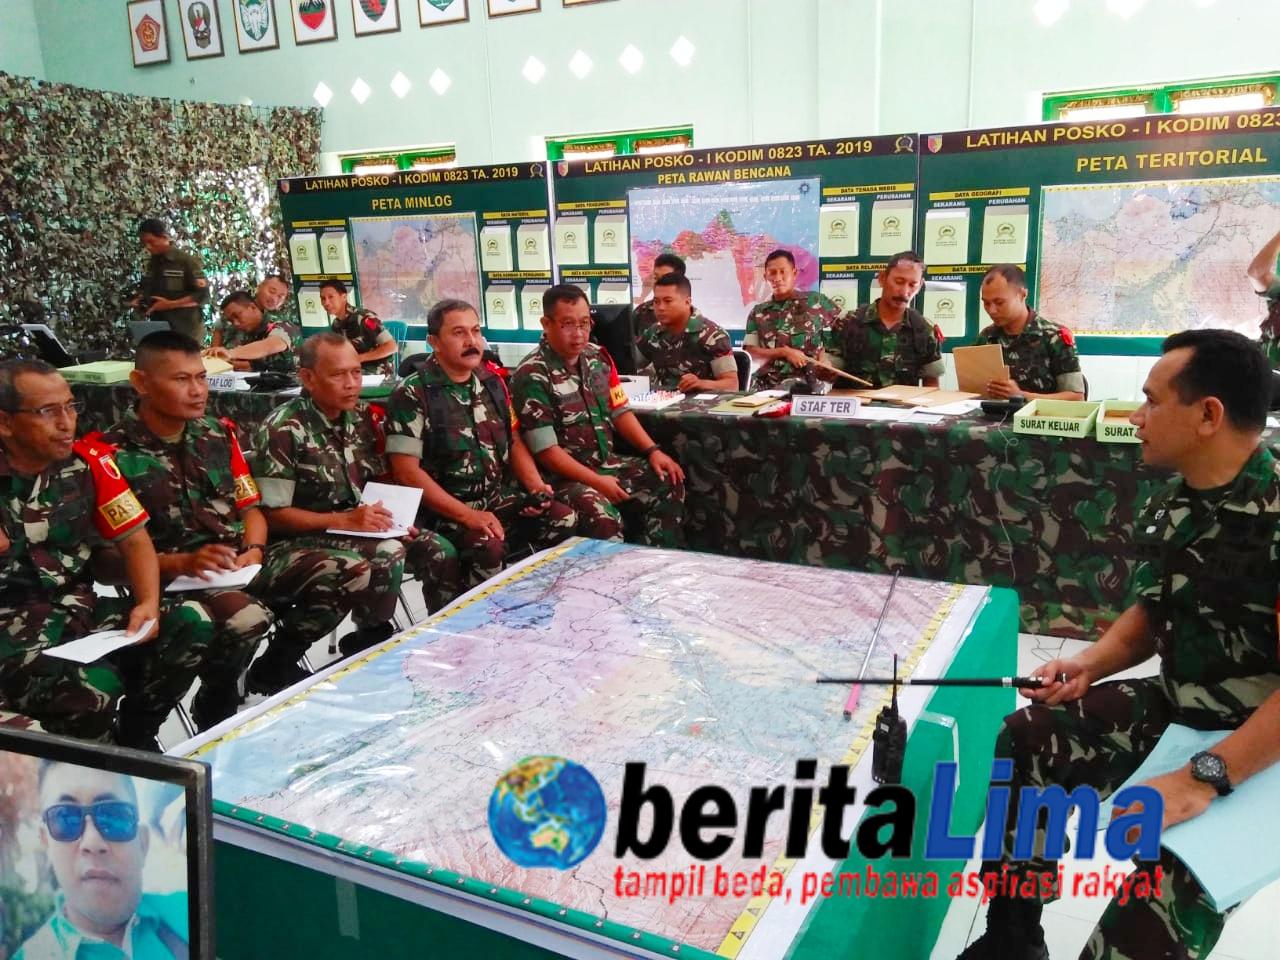 Kodim 0823 Gelar Latihan Operasi Militer selain Perang  tentang Penanggulangan Bencana Alam